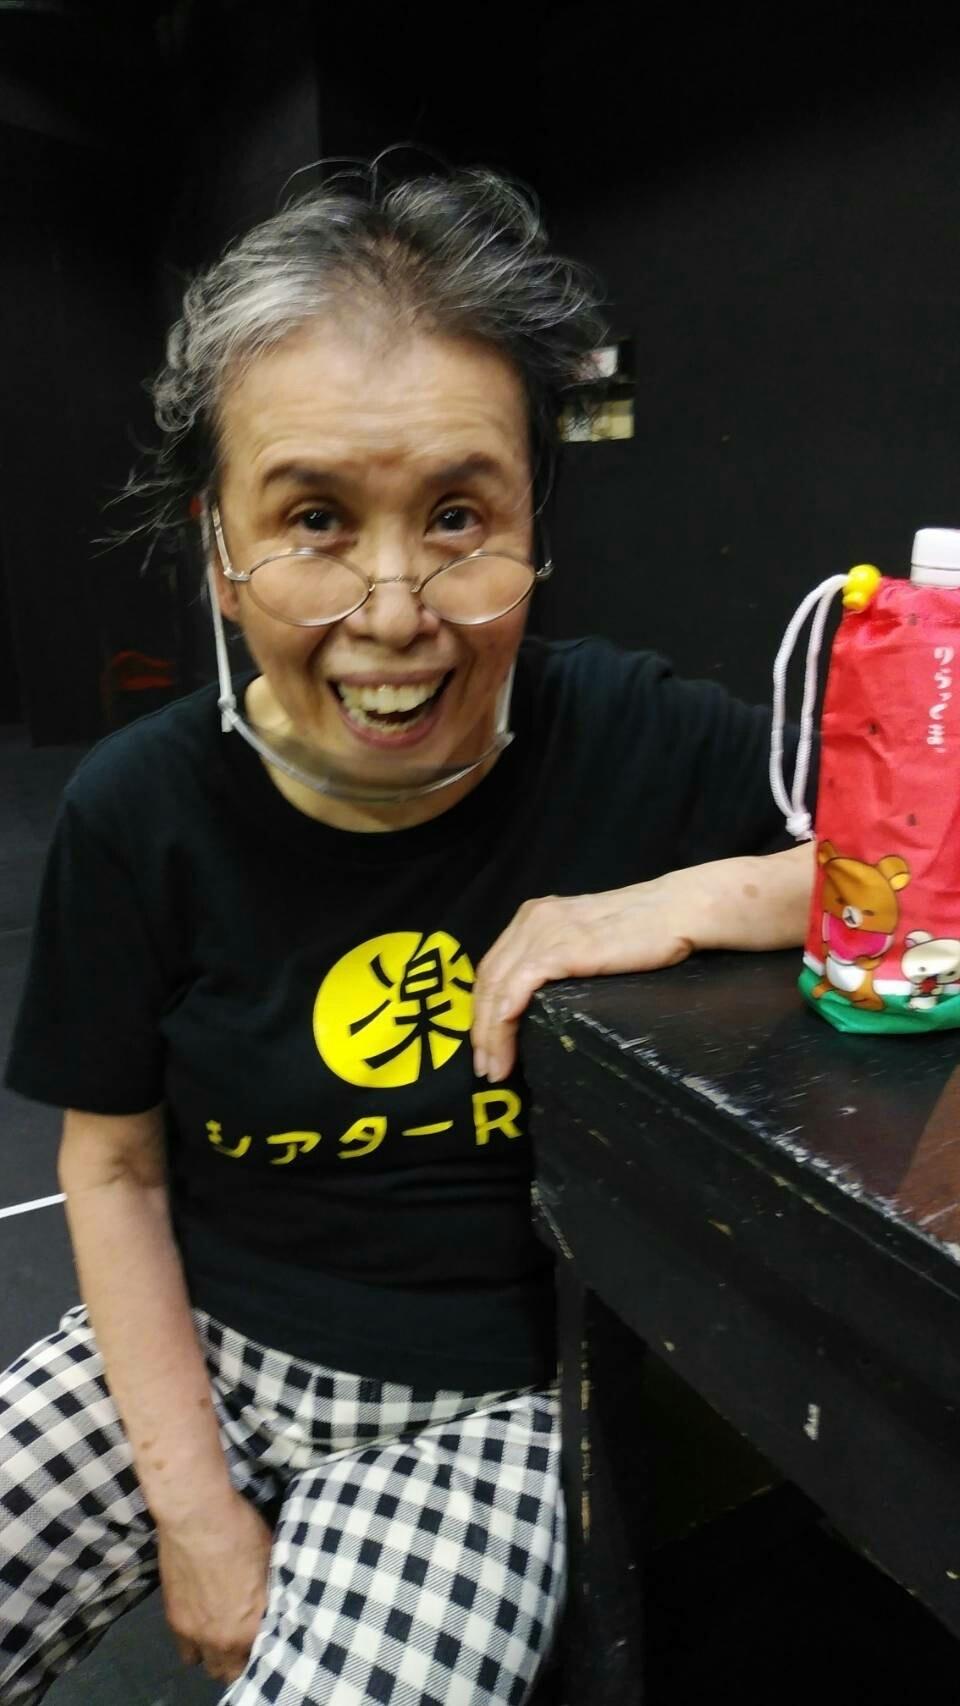 男子〜!女子〜!愛ってなんだぁ〜!_a0132151_23100218.jpg